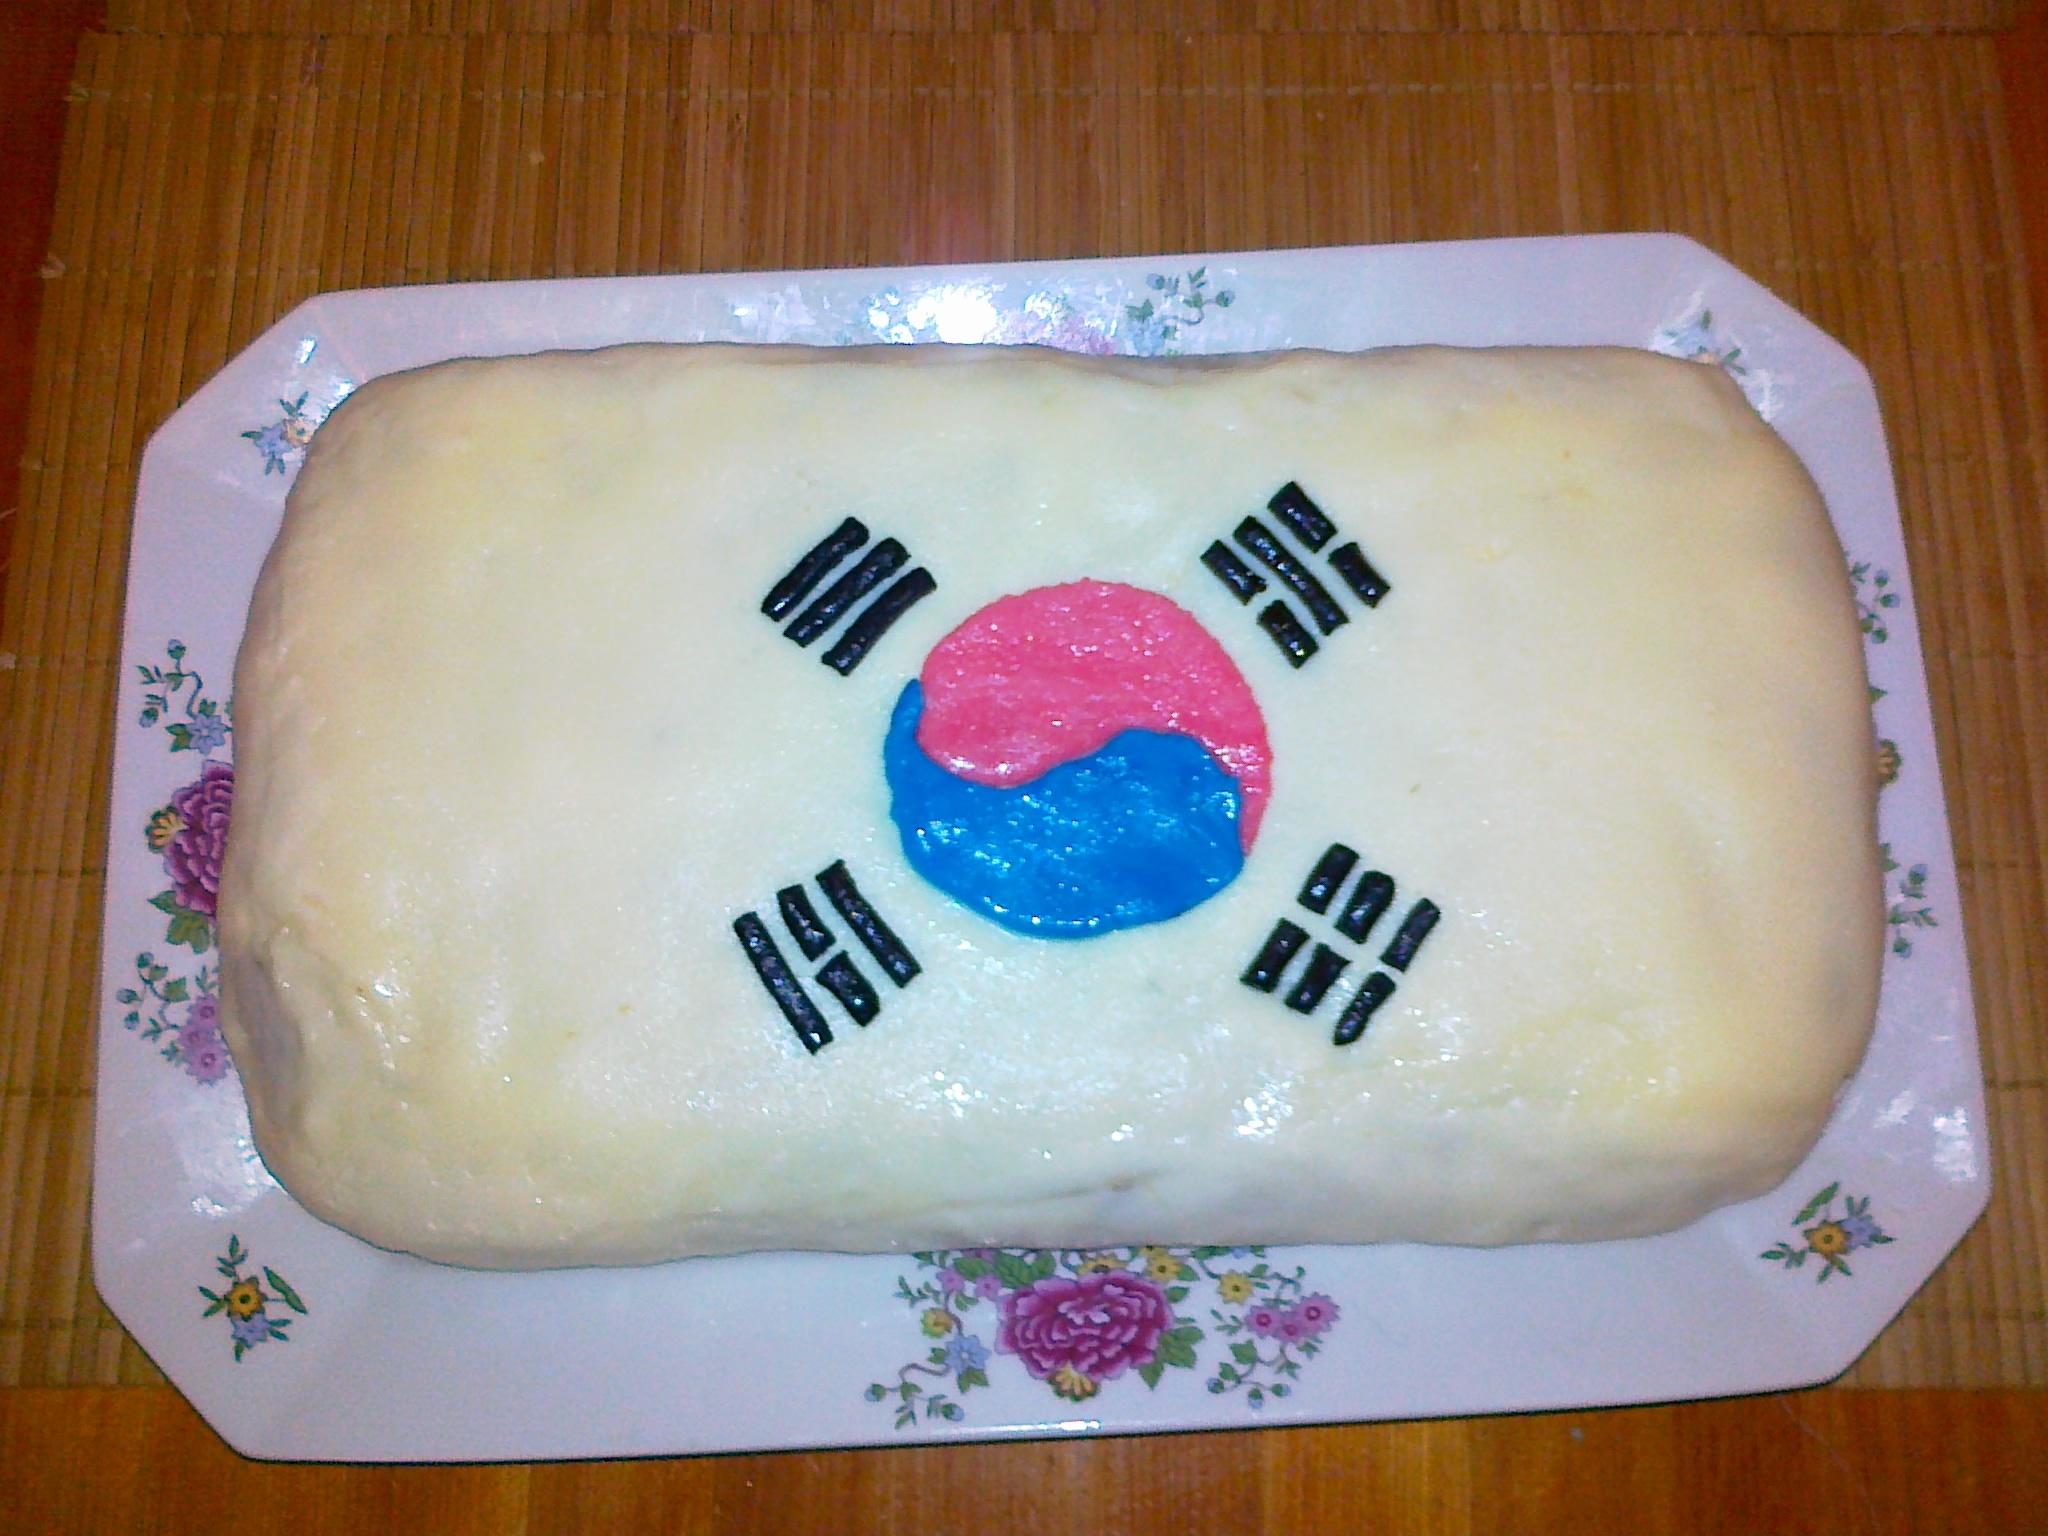 Recept Potahovací hmota na dorty - Potahovací hmota na dorty